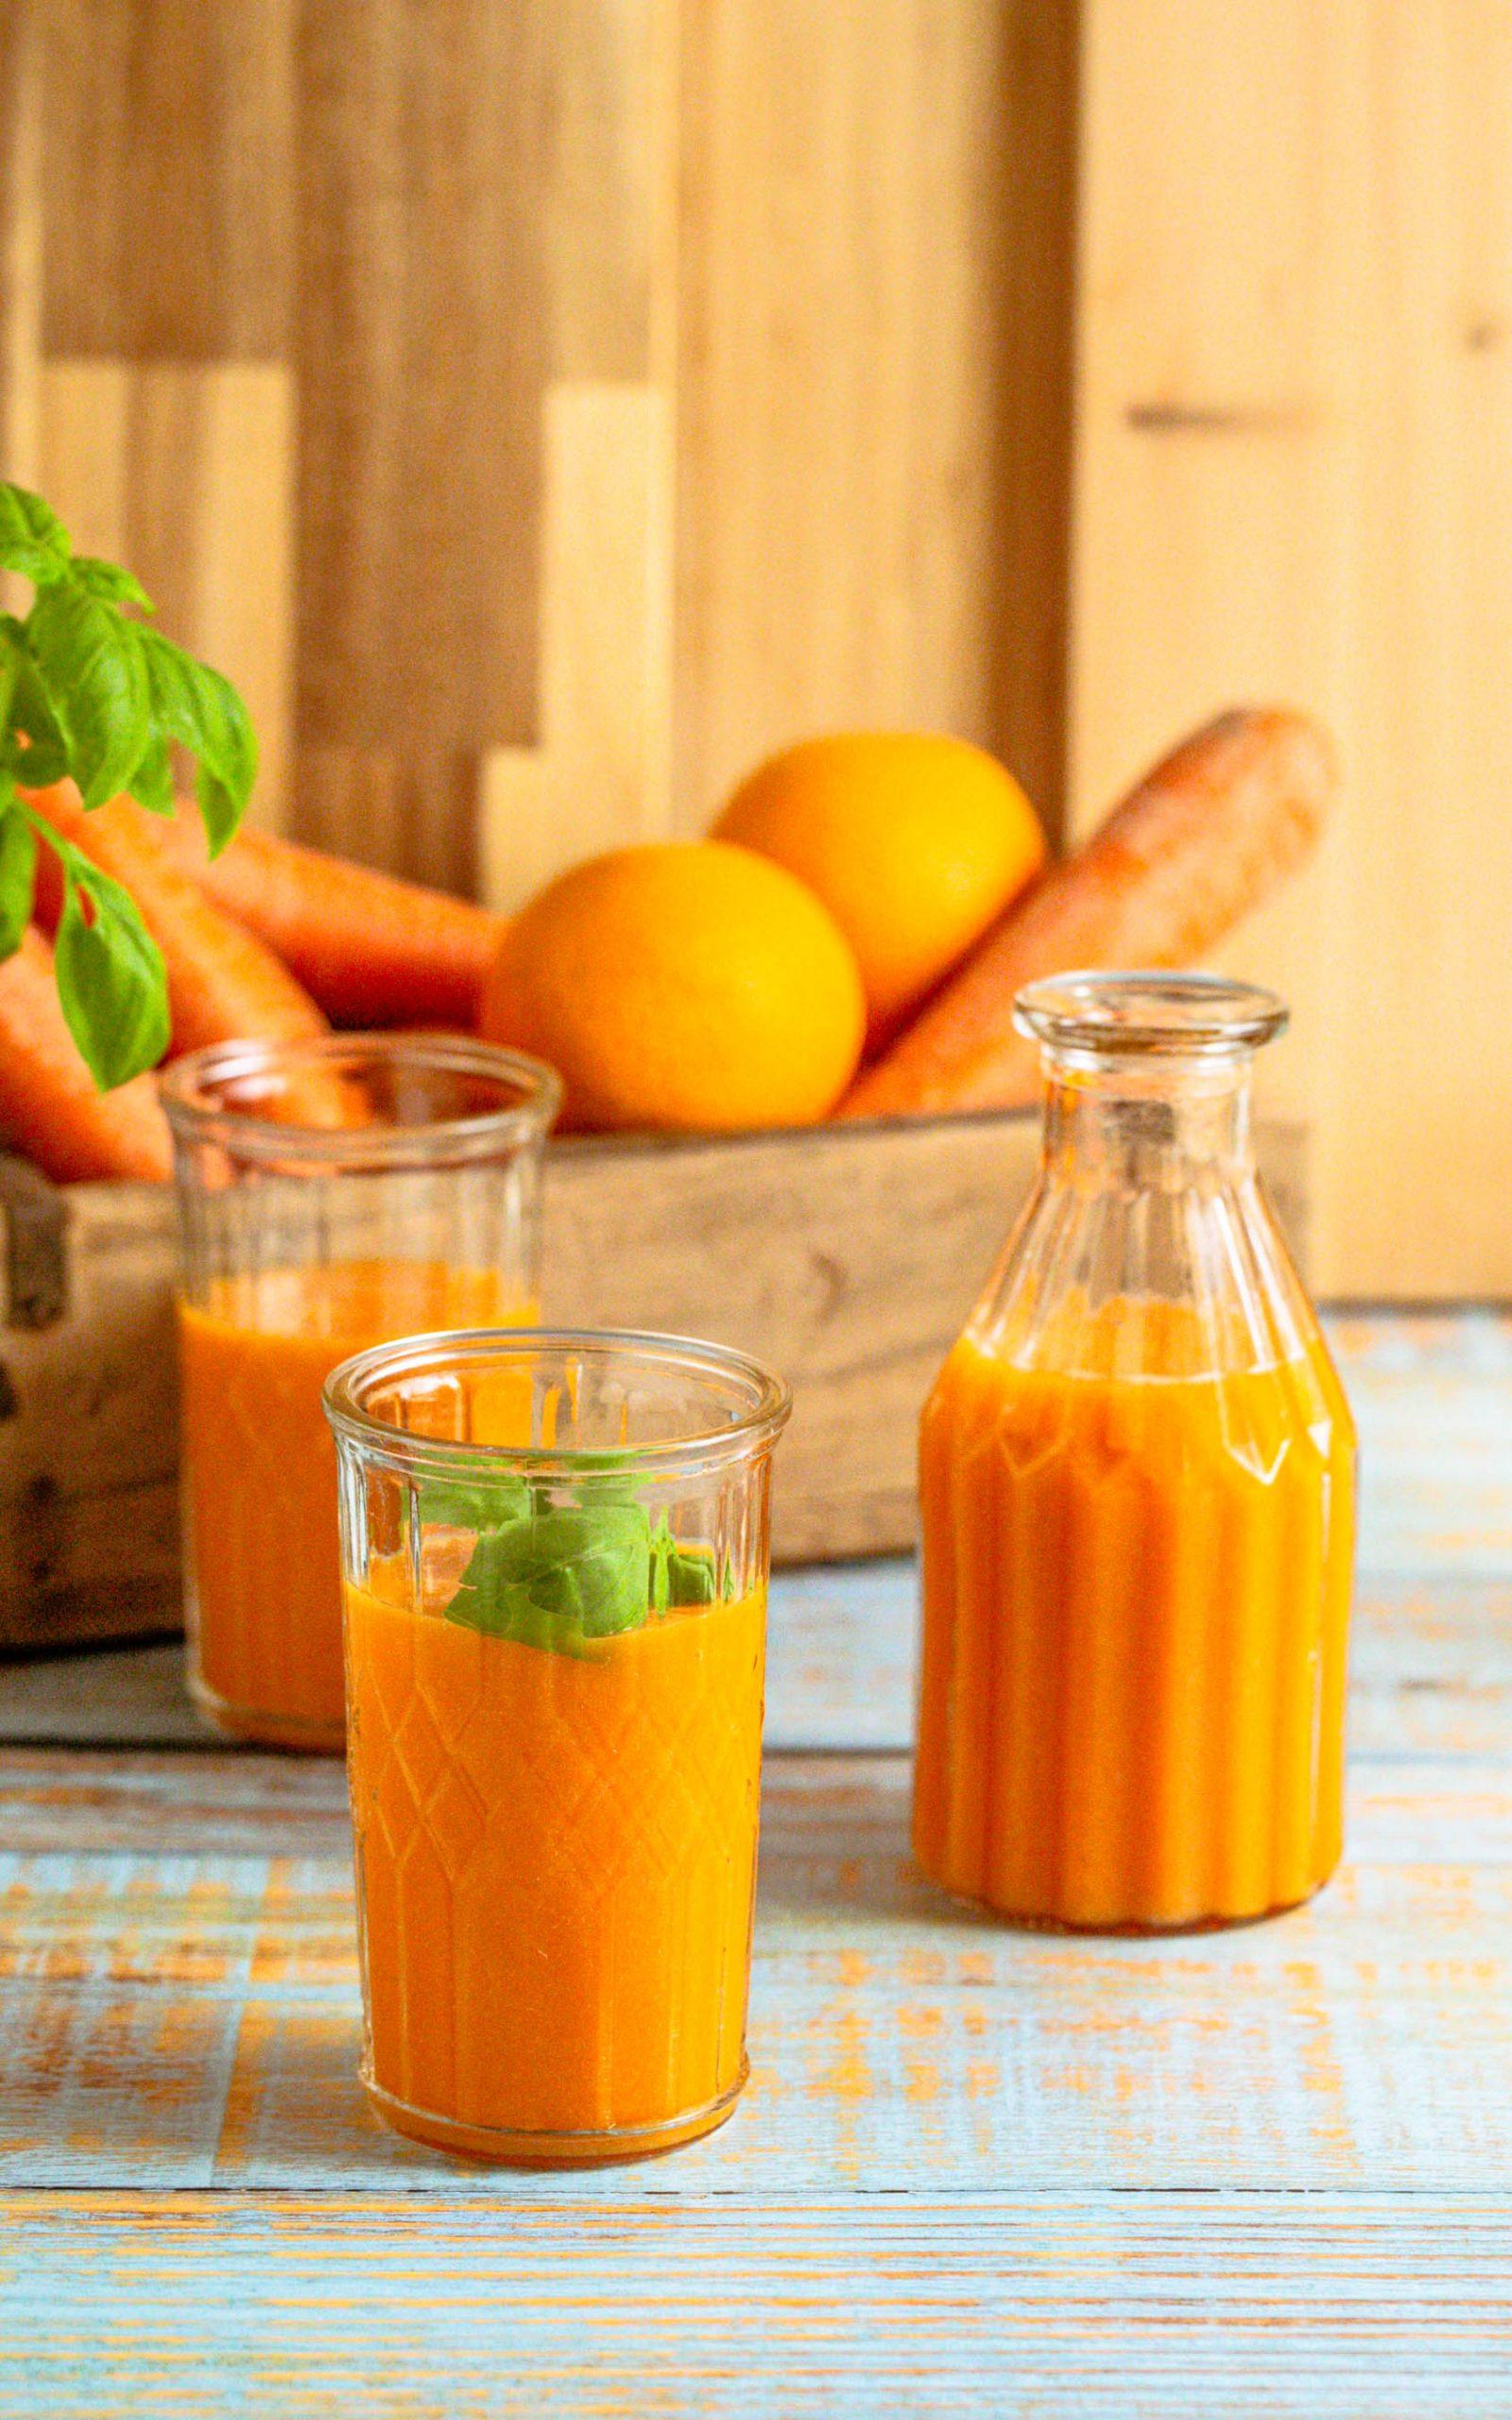 Möhren Smoothie mit Orangensaft